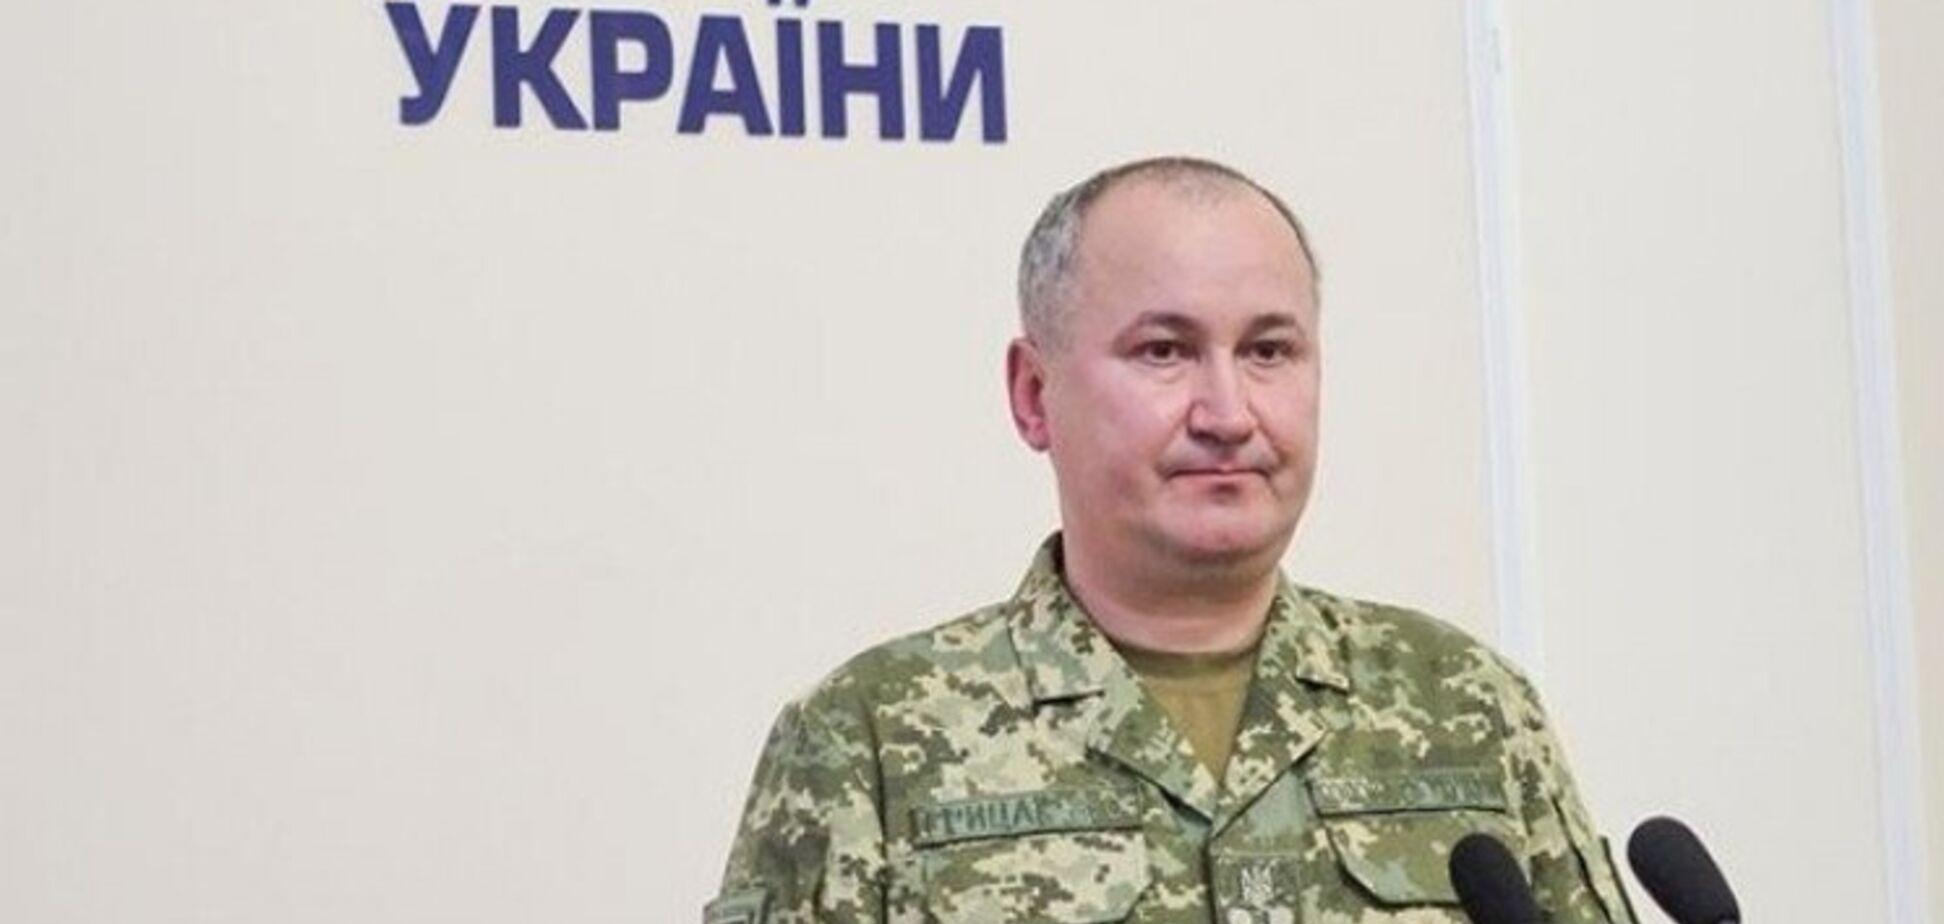 Глава СБУ и его заместители подали в отставку